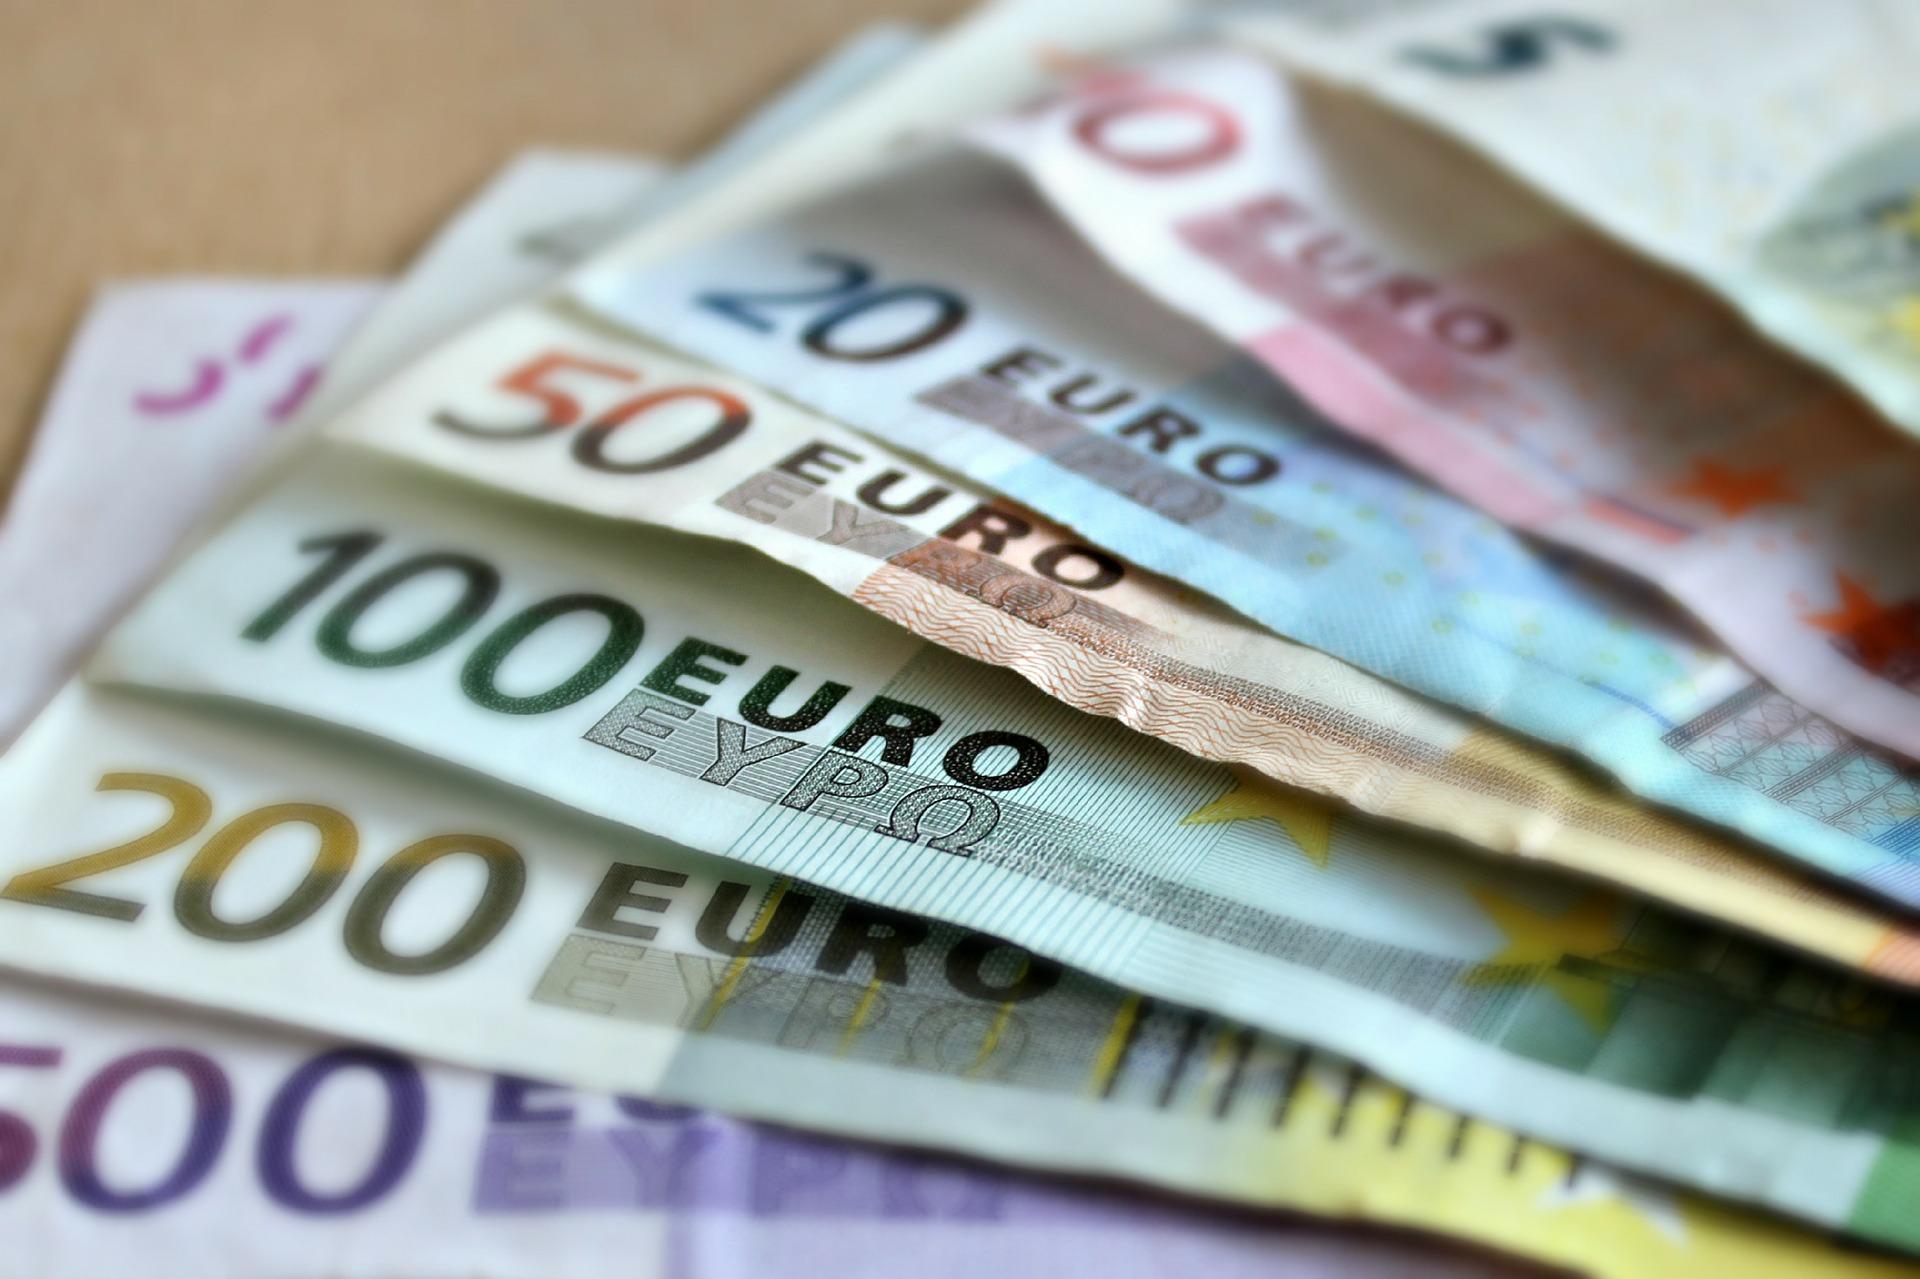 Notenbankchef schlägt die Einführung des dualen Euro-Wechselkurses vor